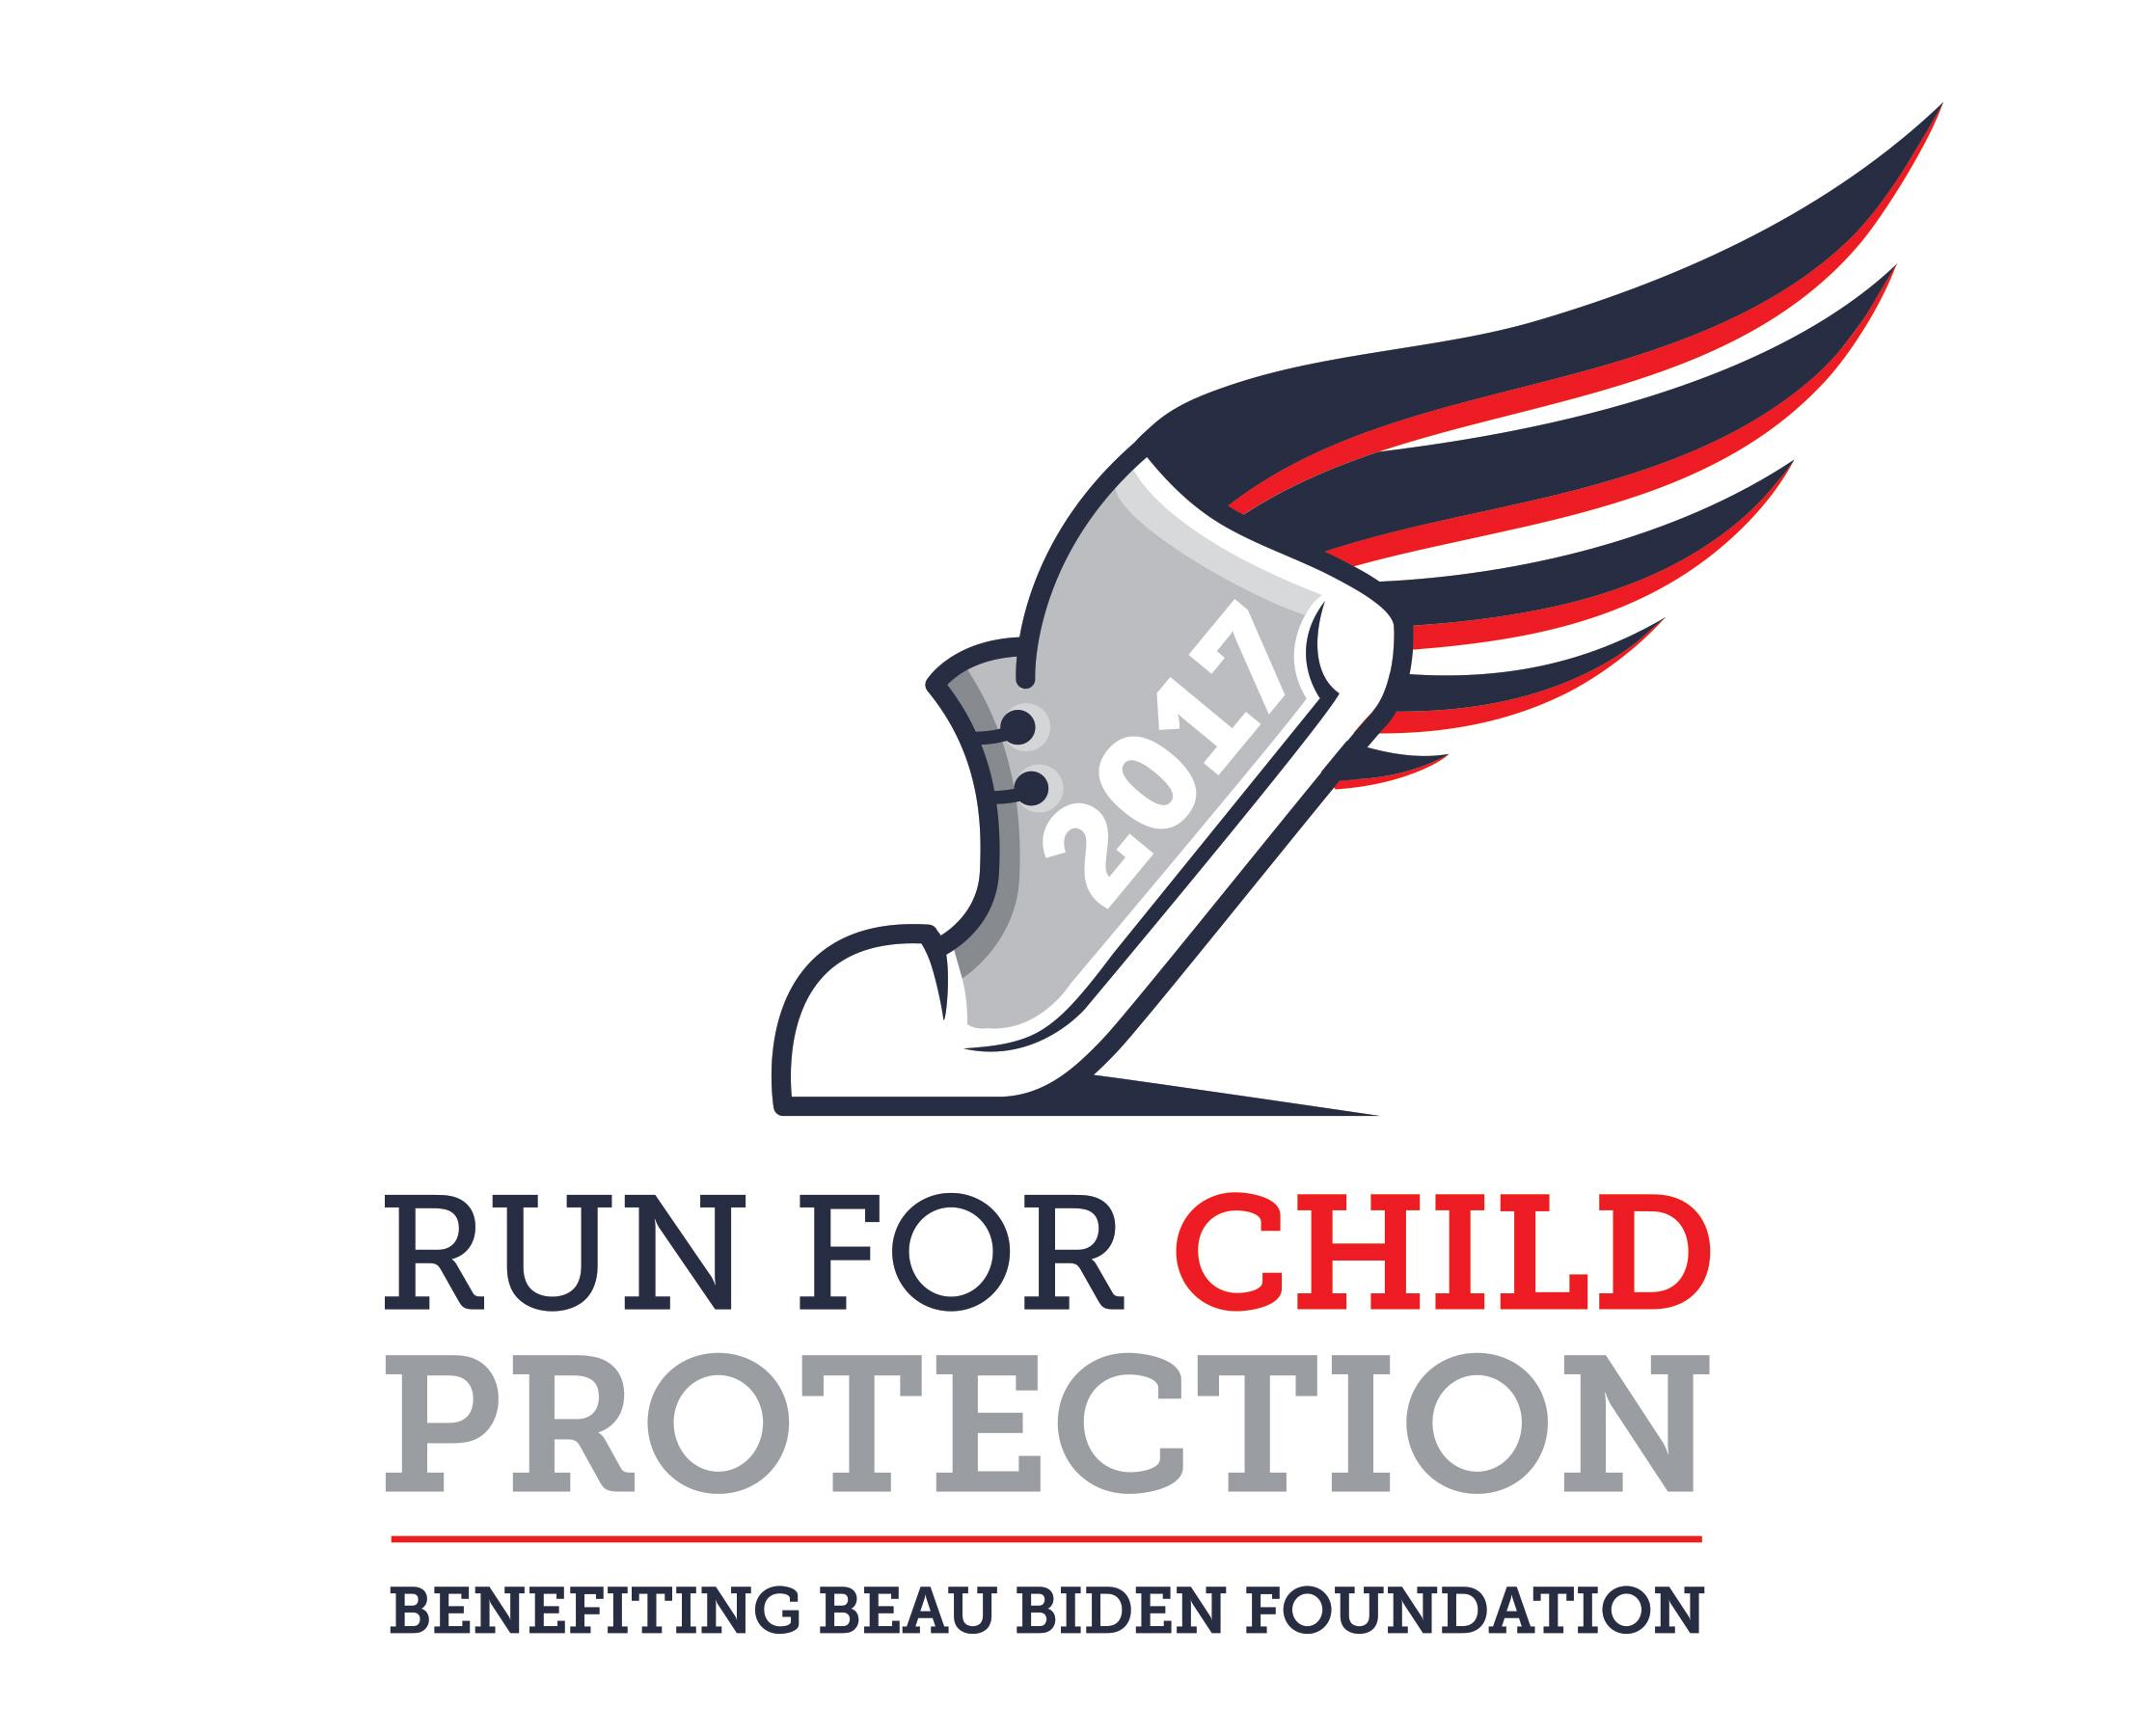 fundraiser run event